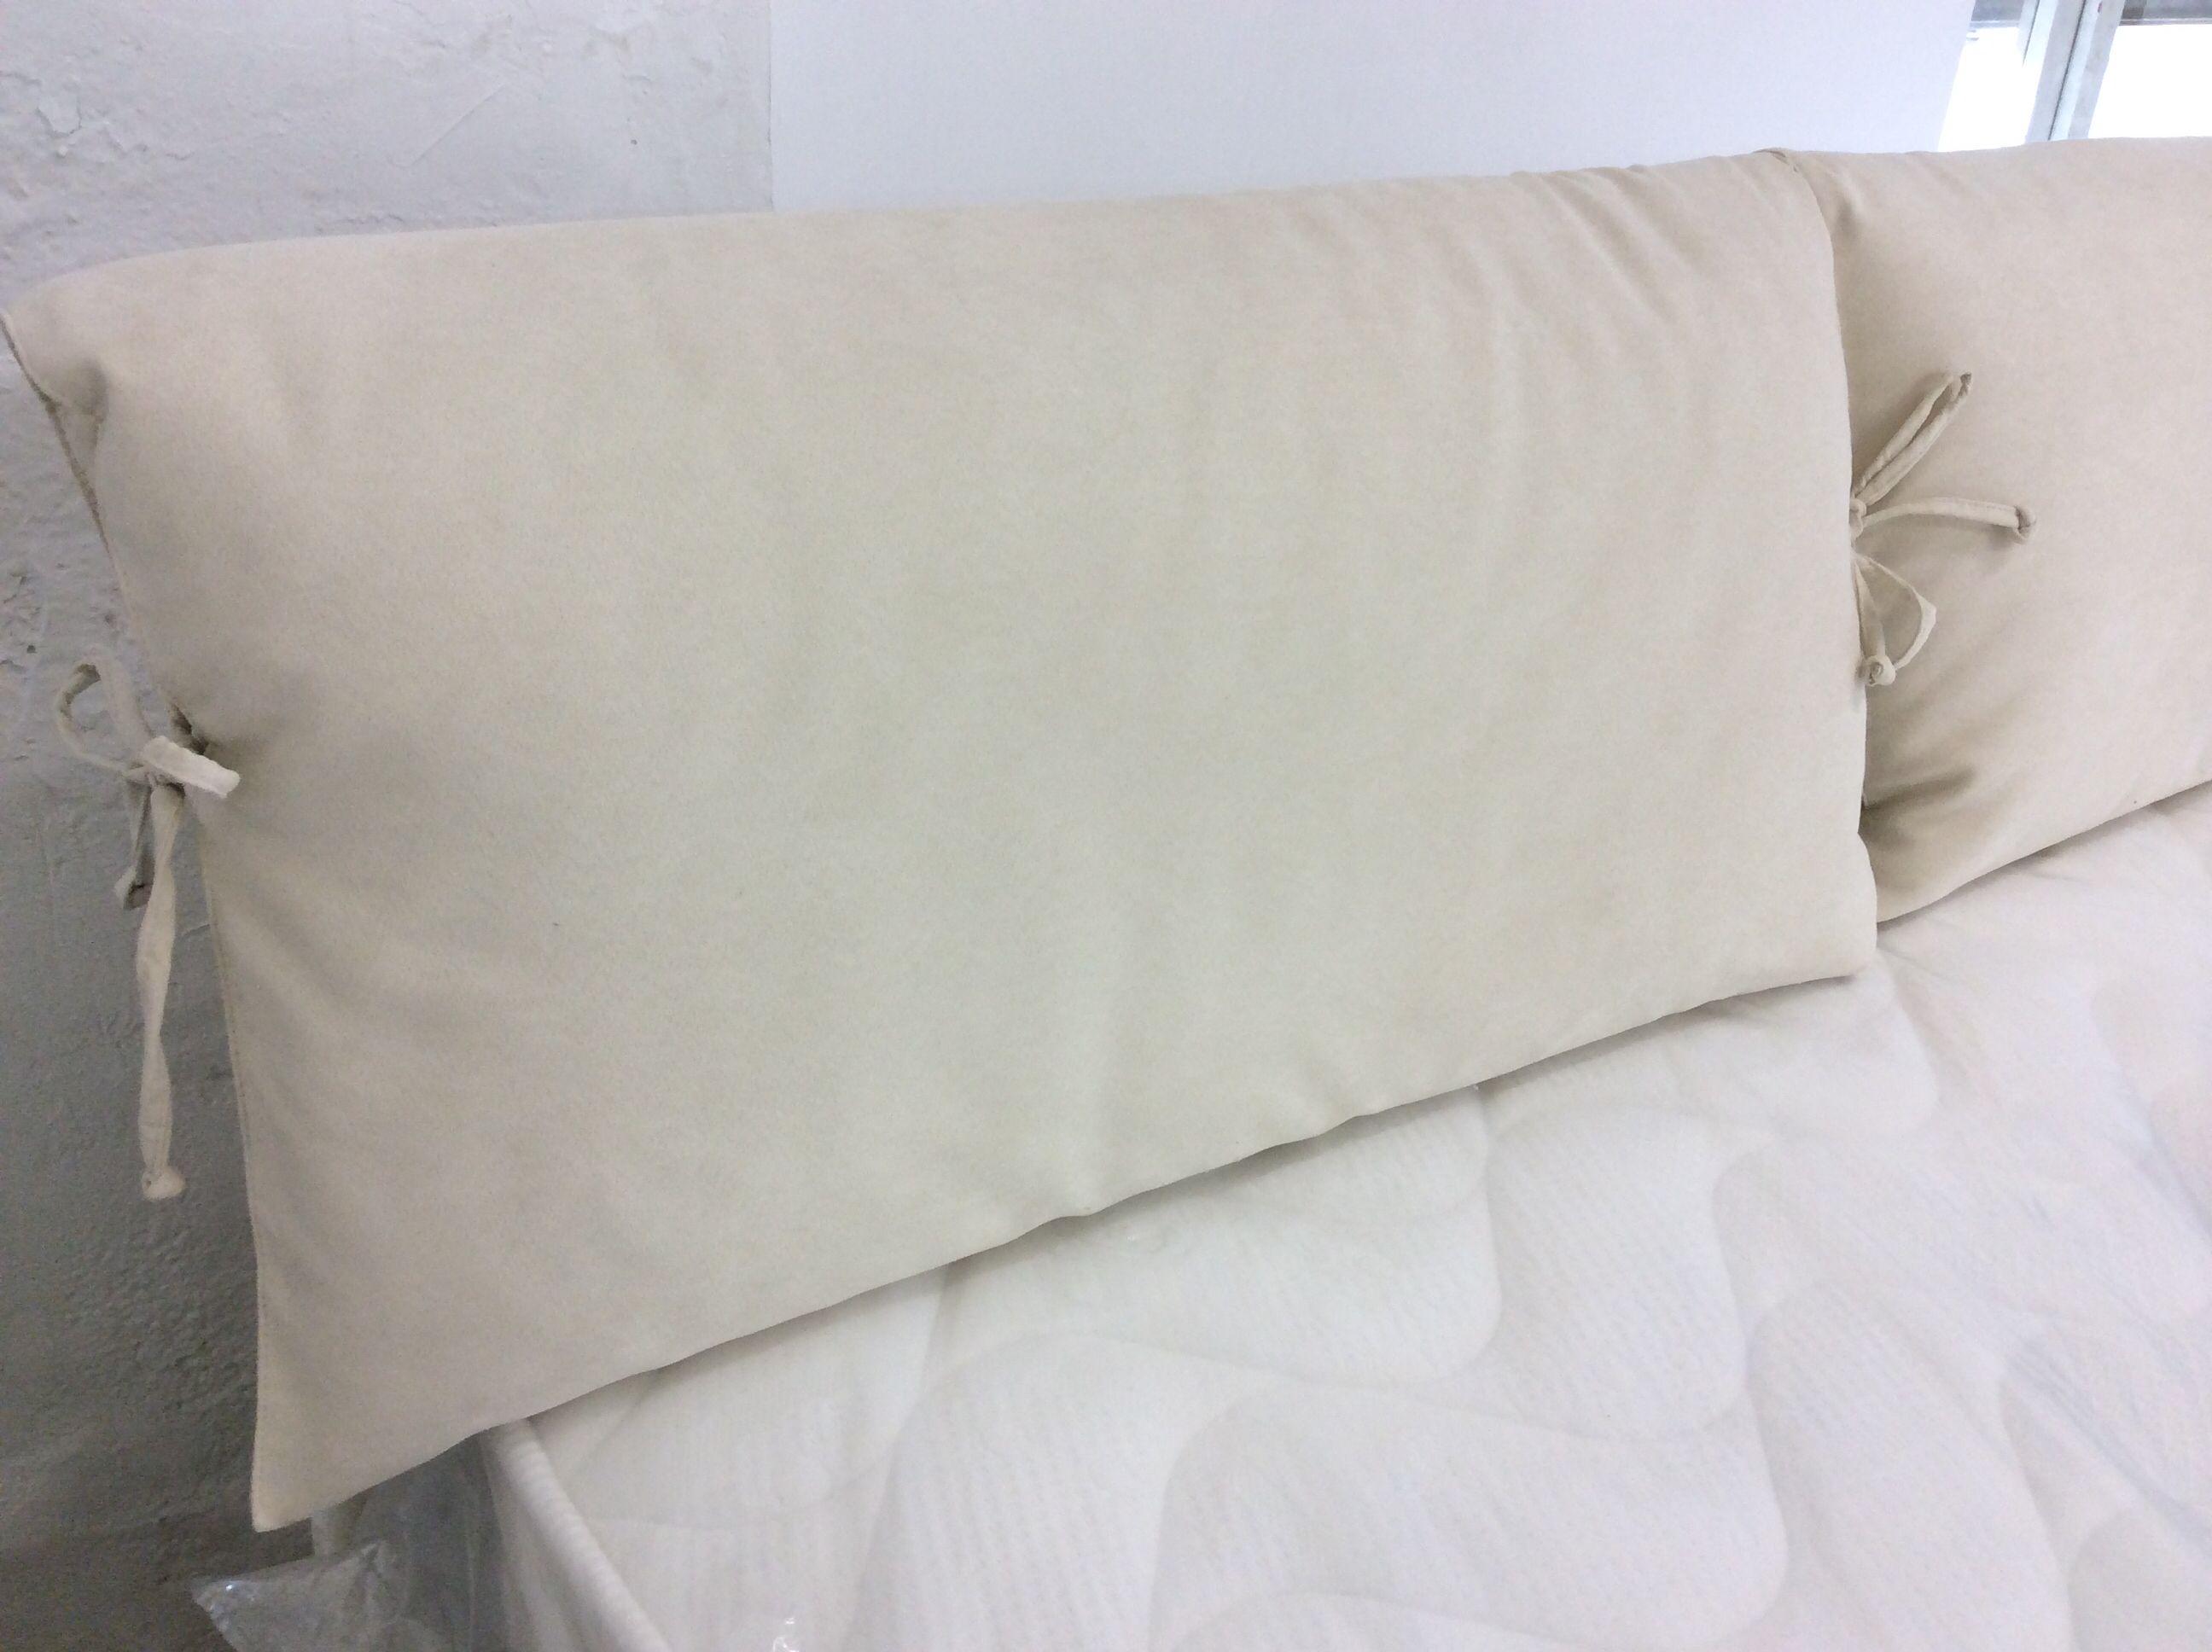 Letto Modello Viola : Particolare della testata del letto contenitore modello viola